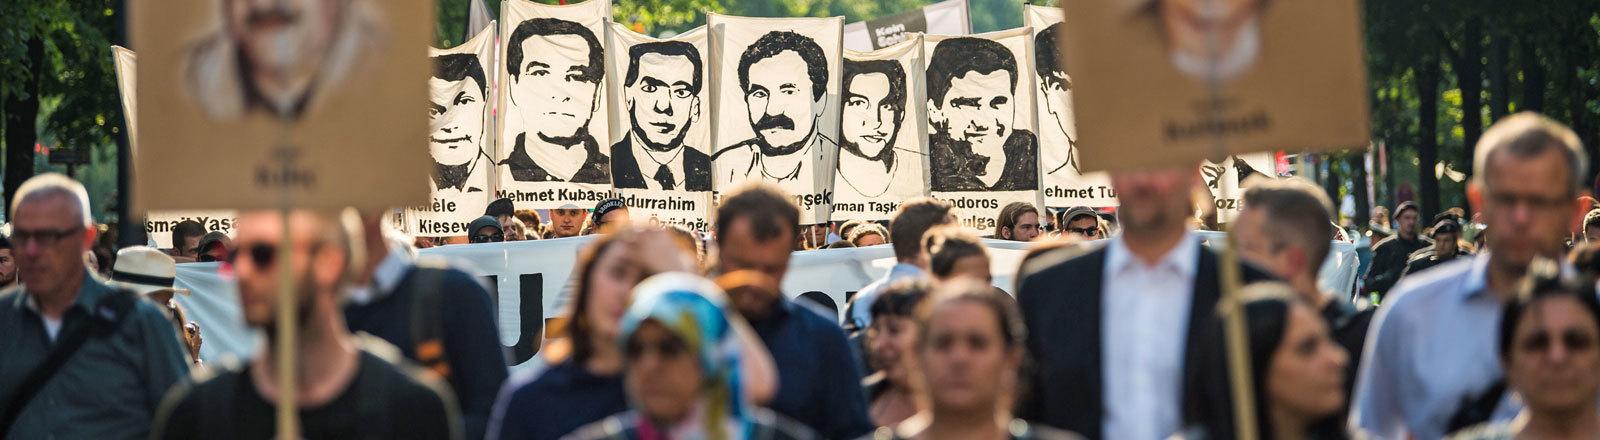 Demonstranten halten bei einer Kundgebung Schilder mit Porträt Abbildungen der NSU-Opfer. In München war am Morgen des 11.7.2018 der Prozess gegen den rechtsterroristischen NSU mit Schuldsprüchen zu Ende gegangen.